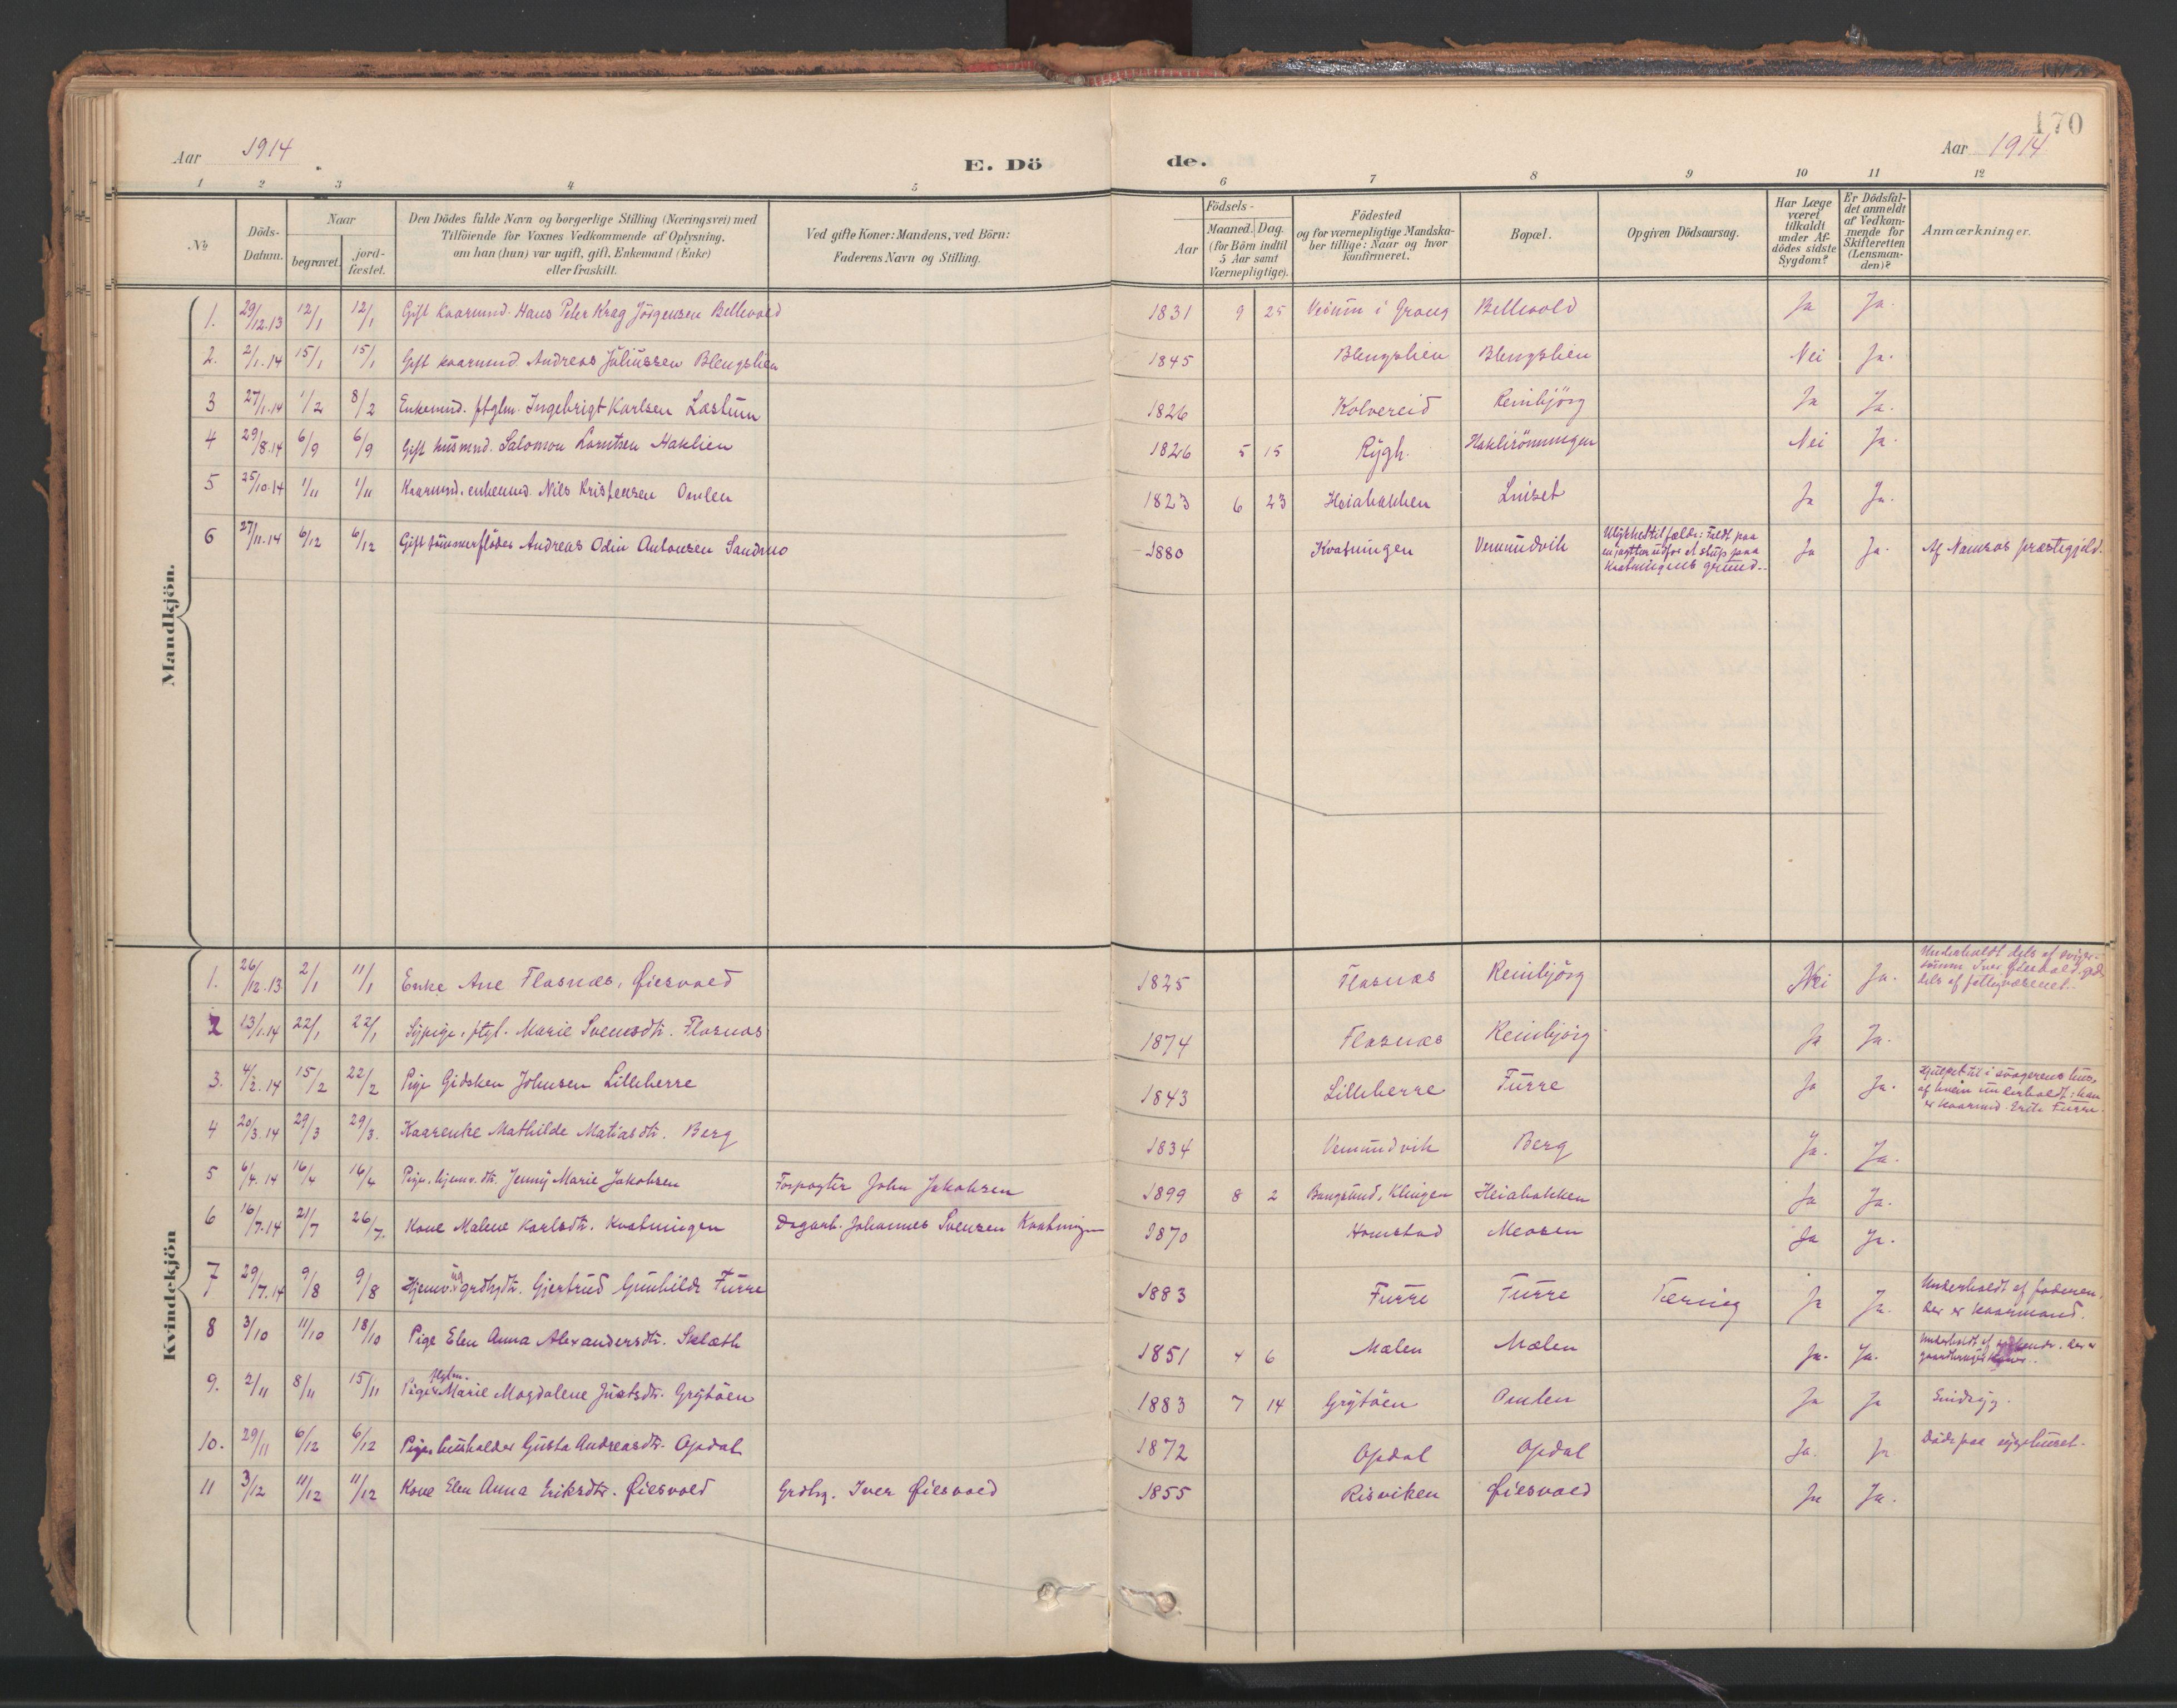 SAT, Ministerialprotokoller, klokkerbøker og fødselsregistre - Nord-Trøndelag, 766/L0564: Ministerialbok nr. 767A02, 1900-1932, s. 170